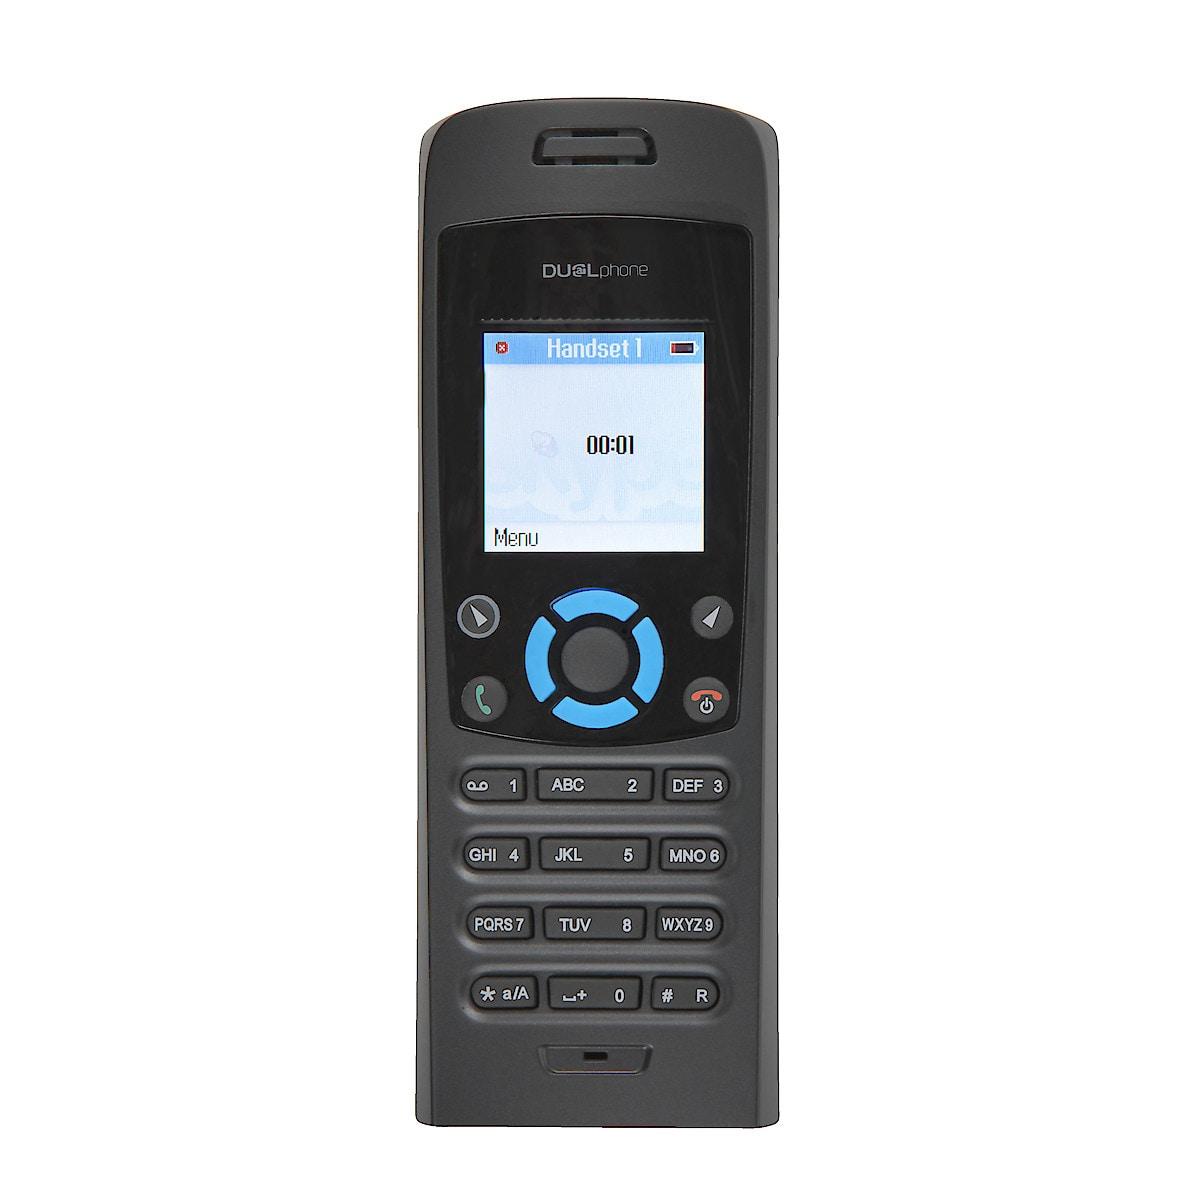 Ekstra håndenhet til Dualphone 3088